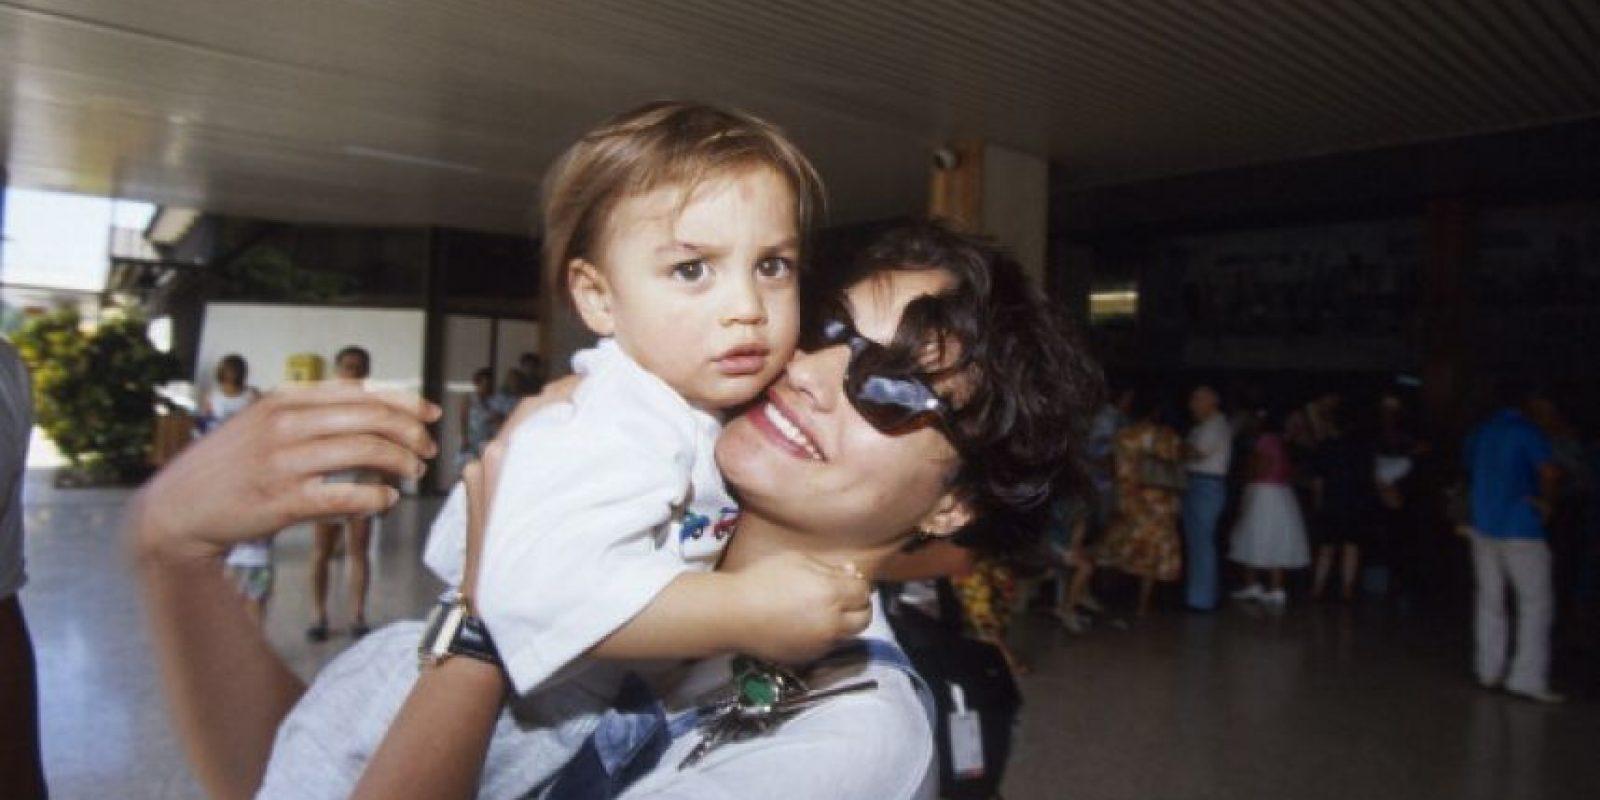 El bebé nació adicto a las drogas y se lo quitaron. Foto:vía Getty Images